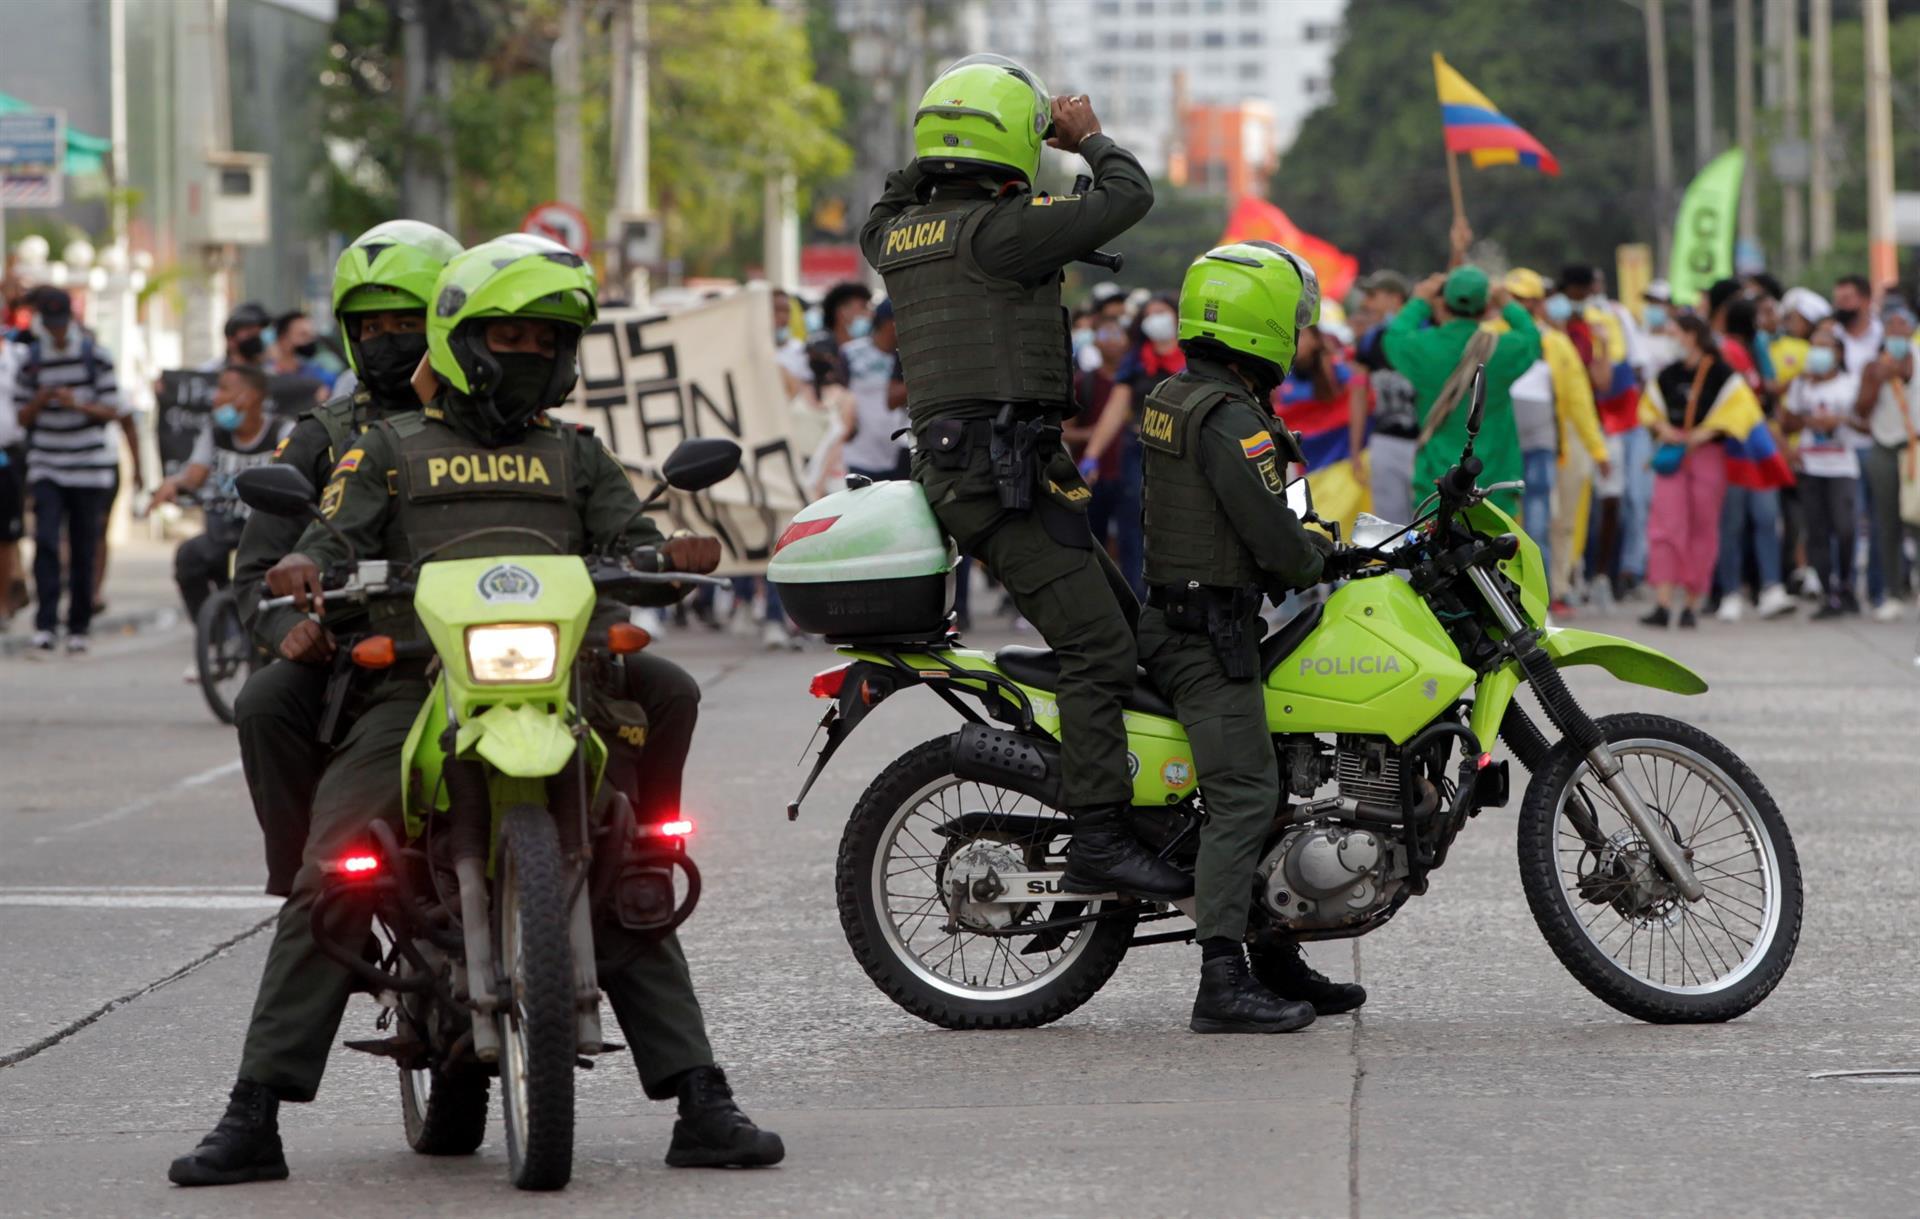 Policiais tiram foto de protestos em Cartagena das Índias